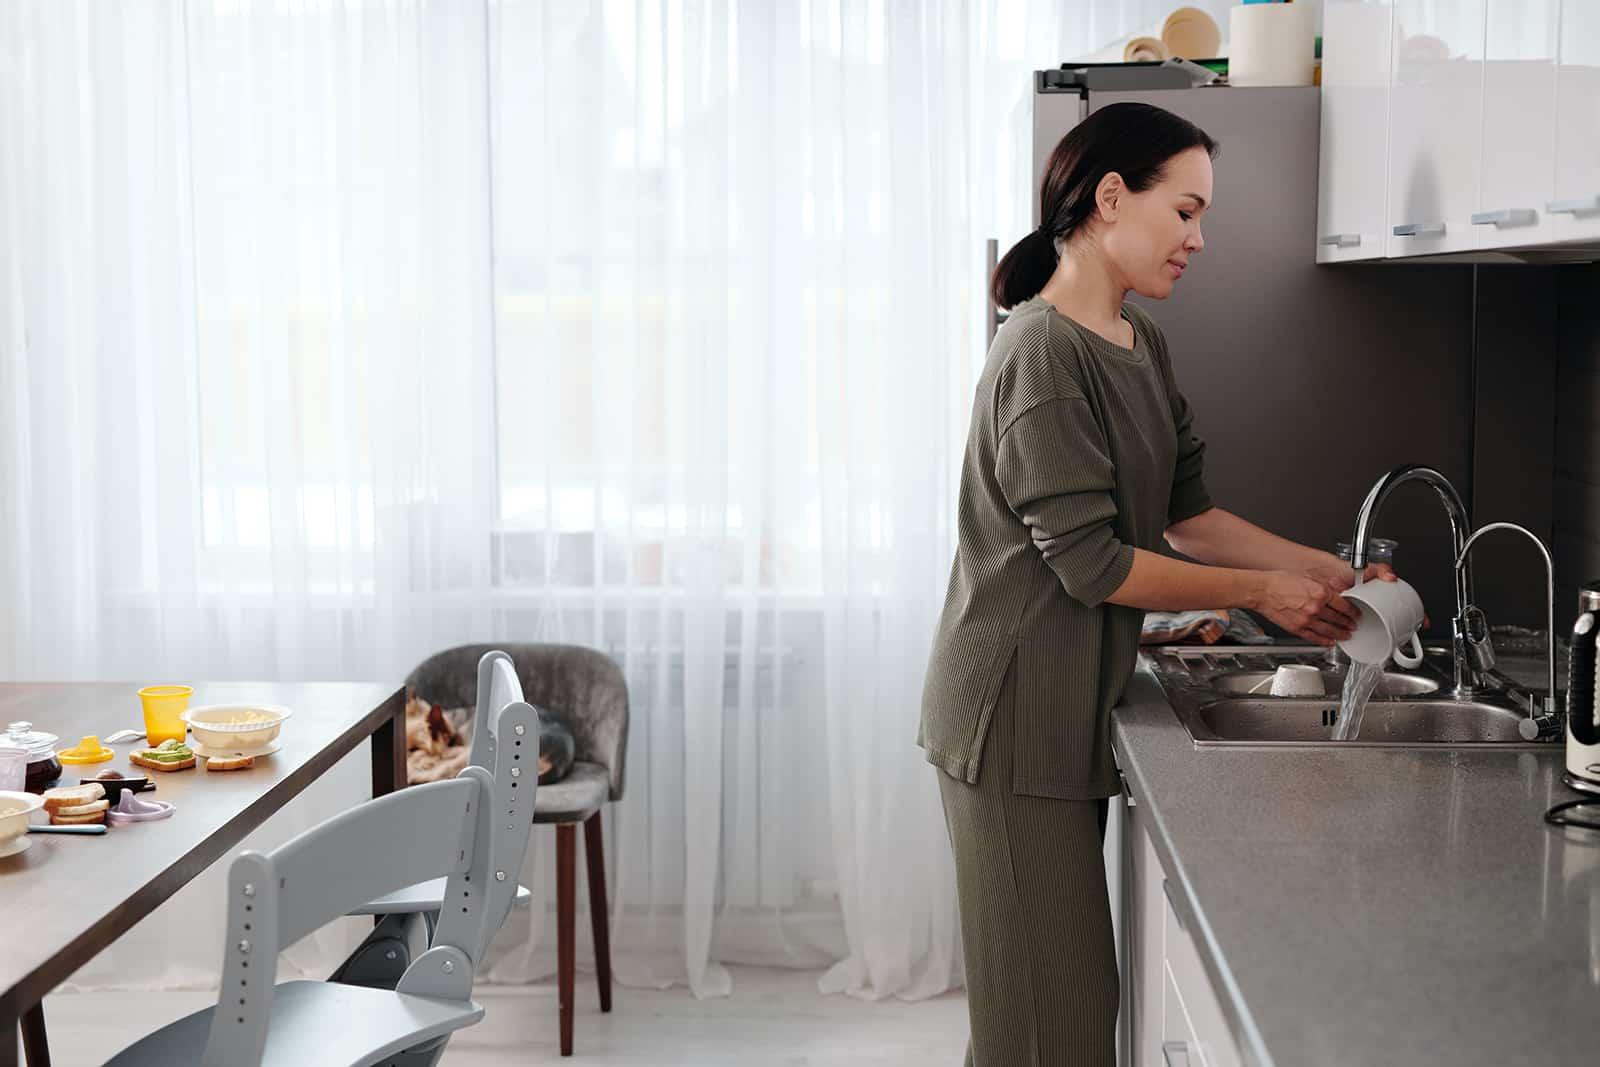 eine Frau, die Geschirr spült, um einem Freund zu helfen